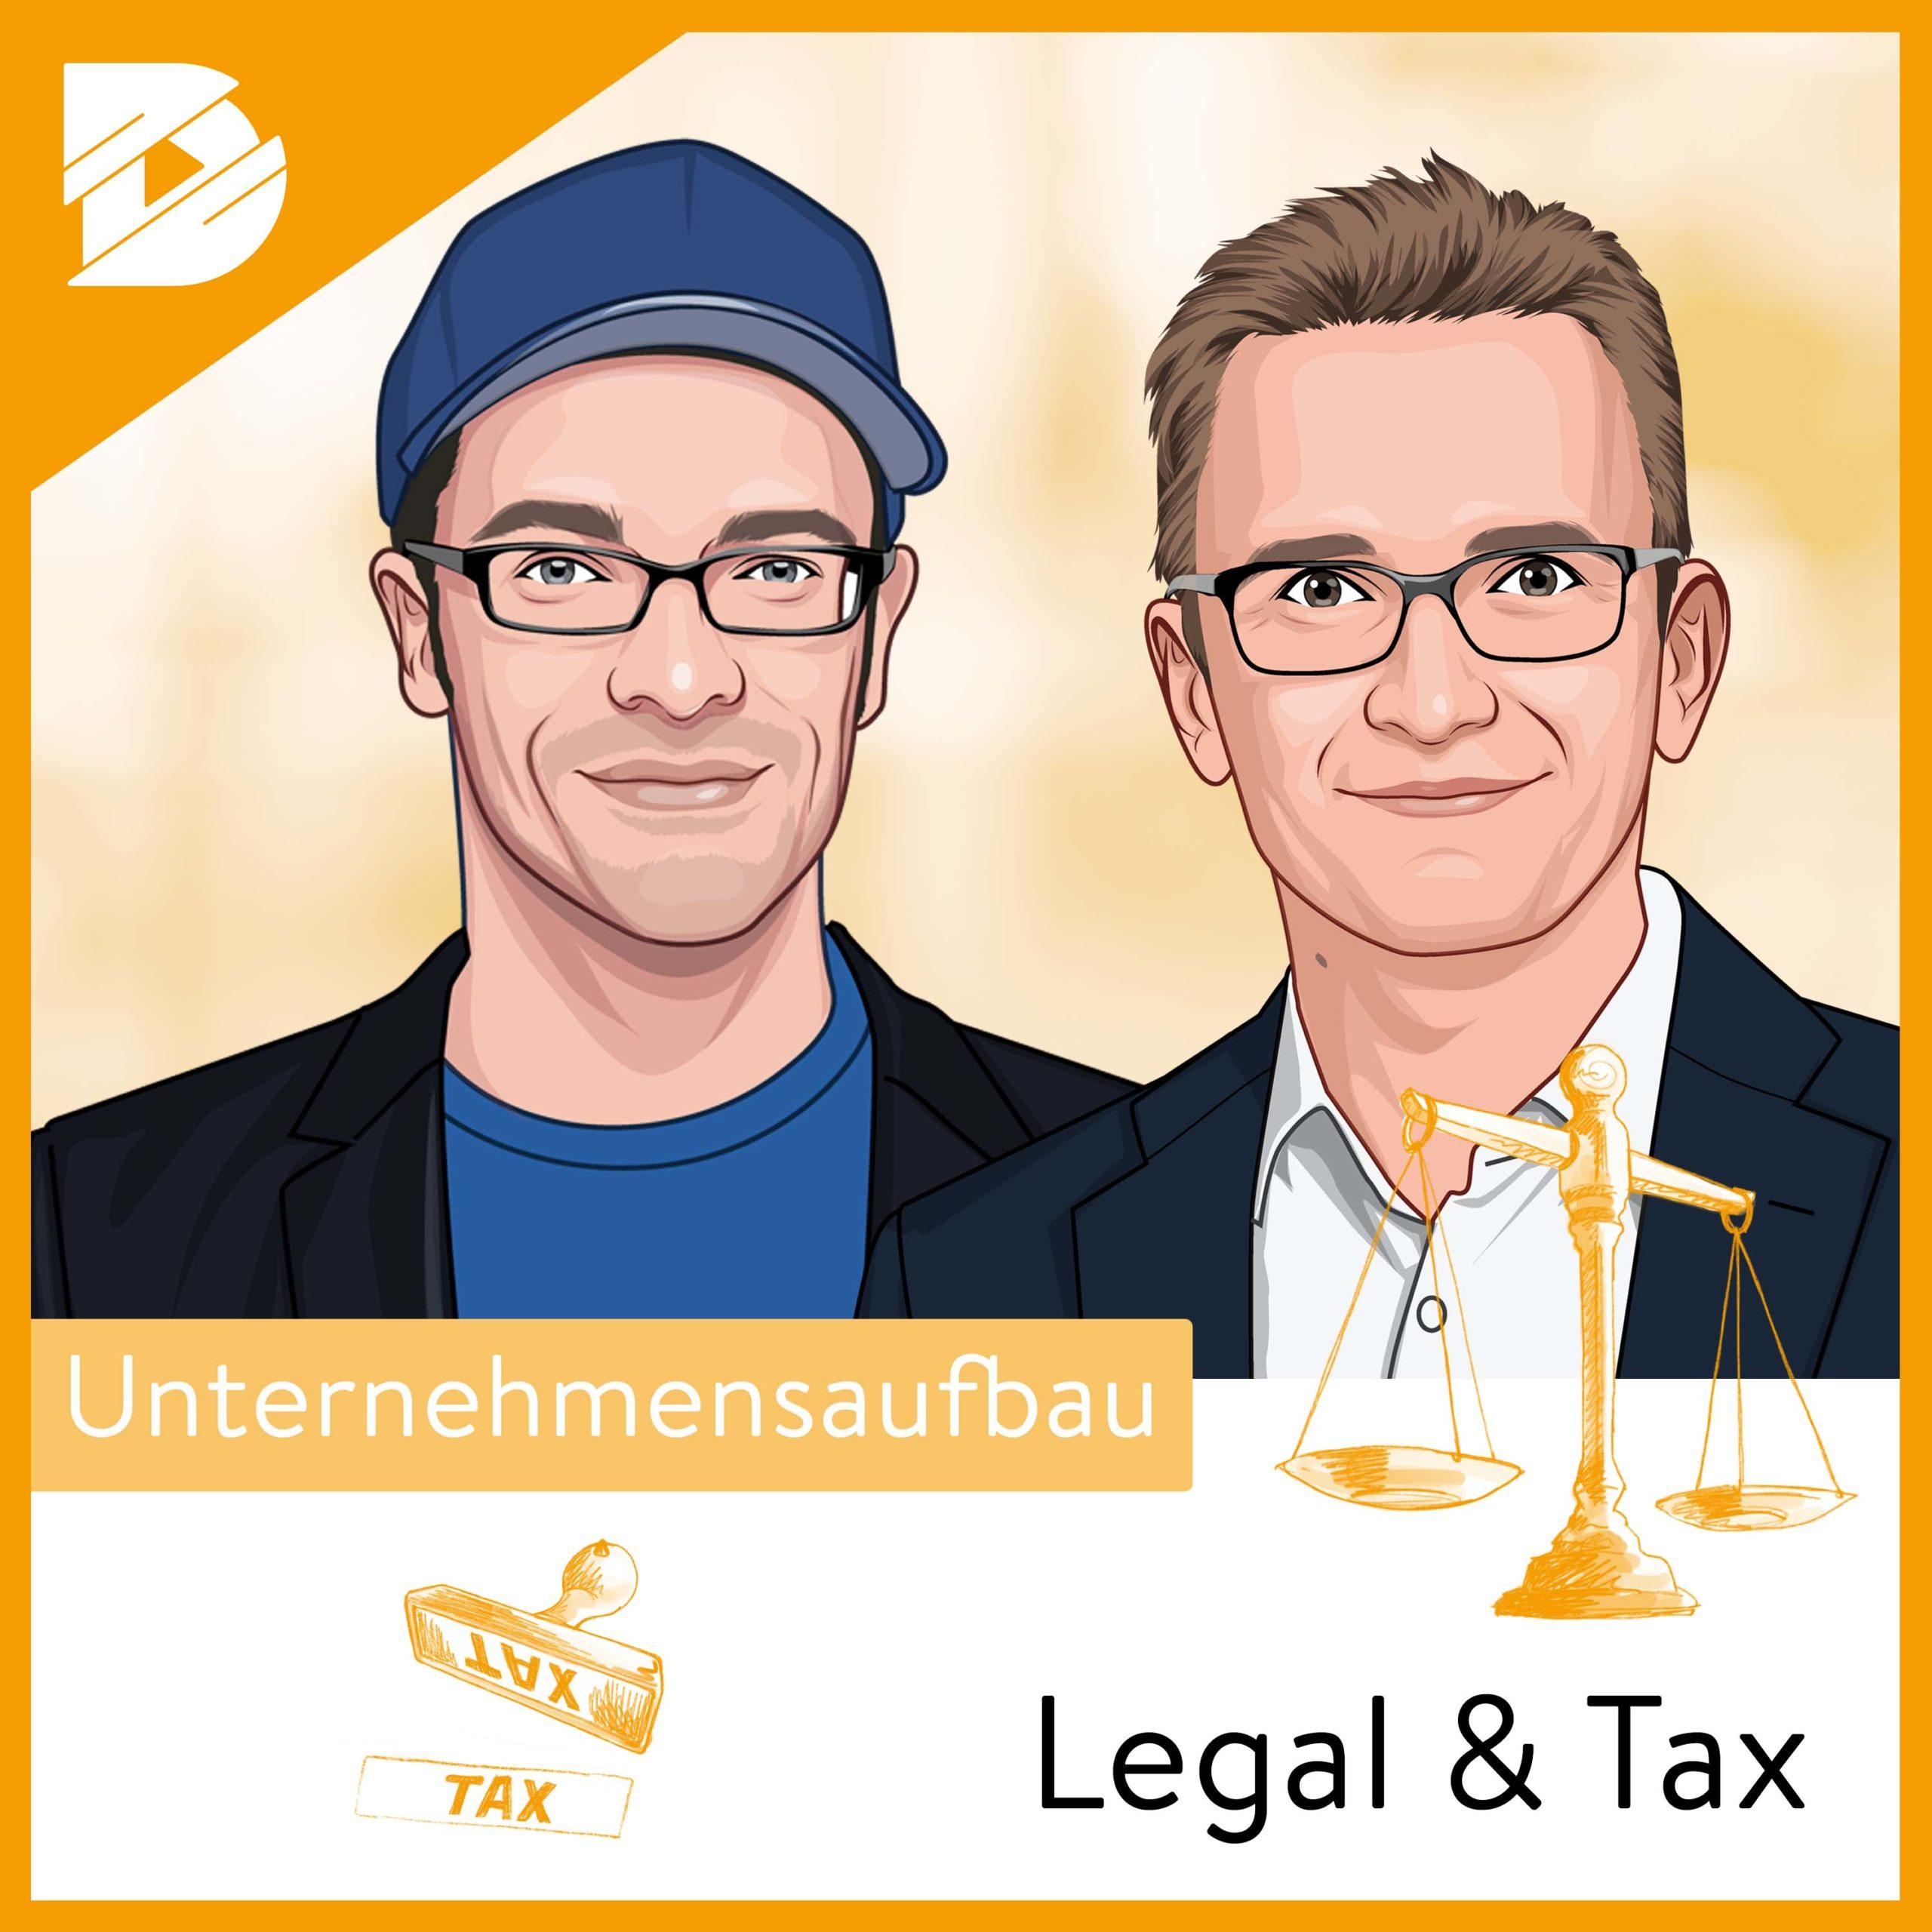 Legal & Tax